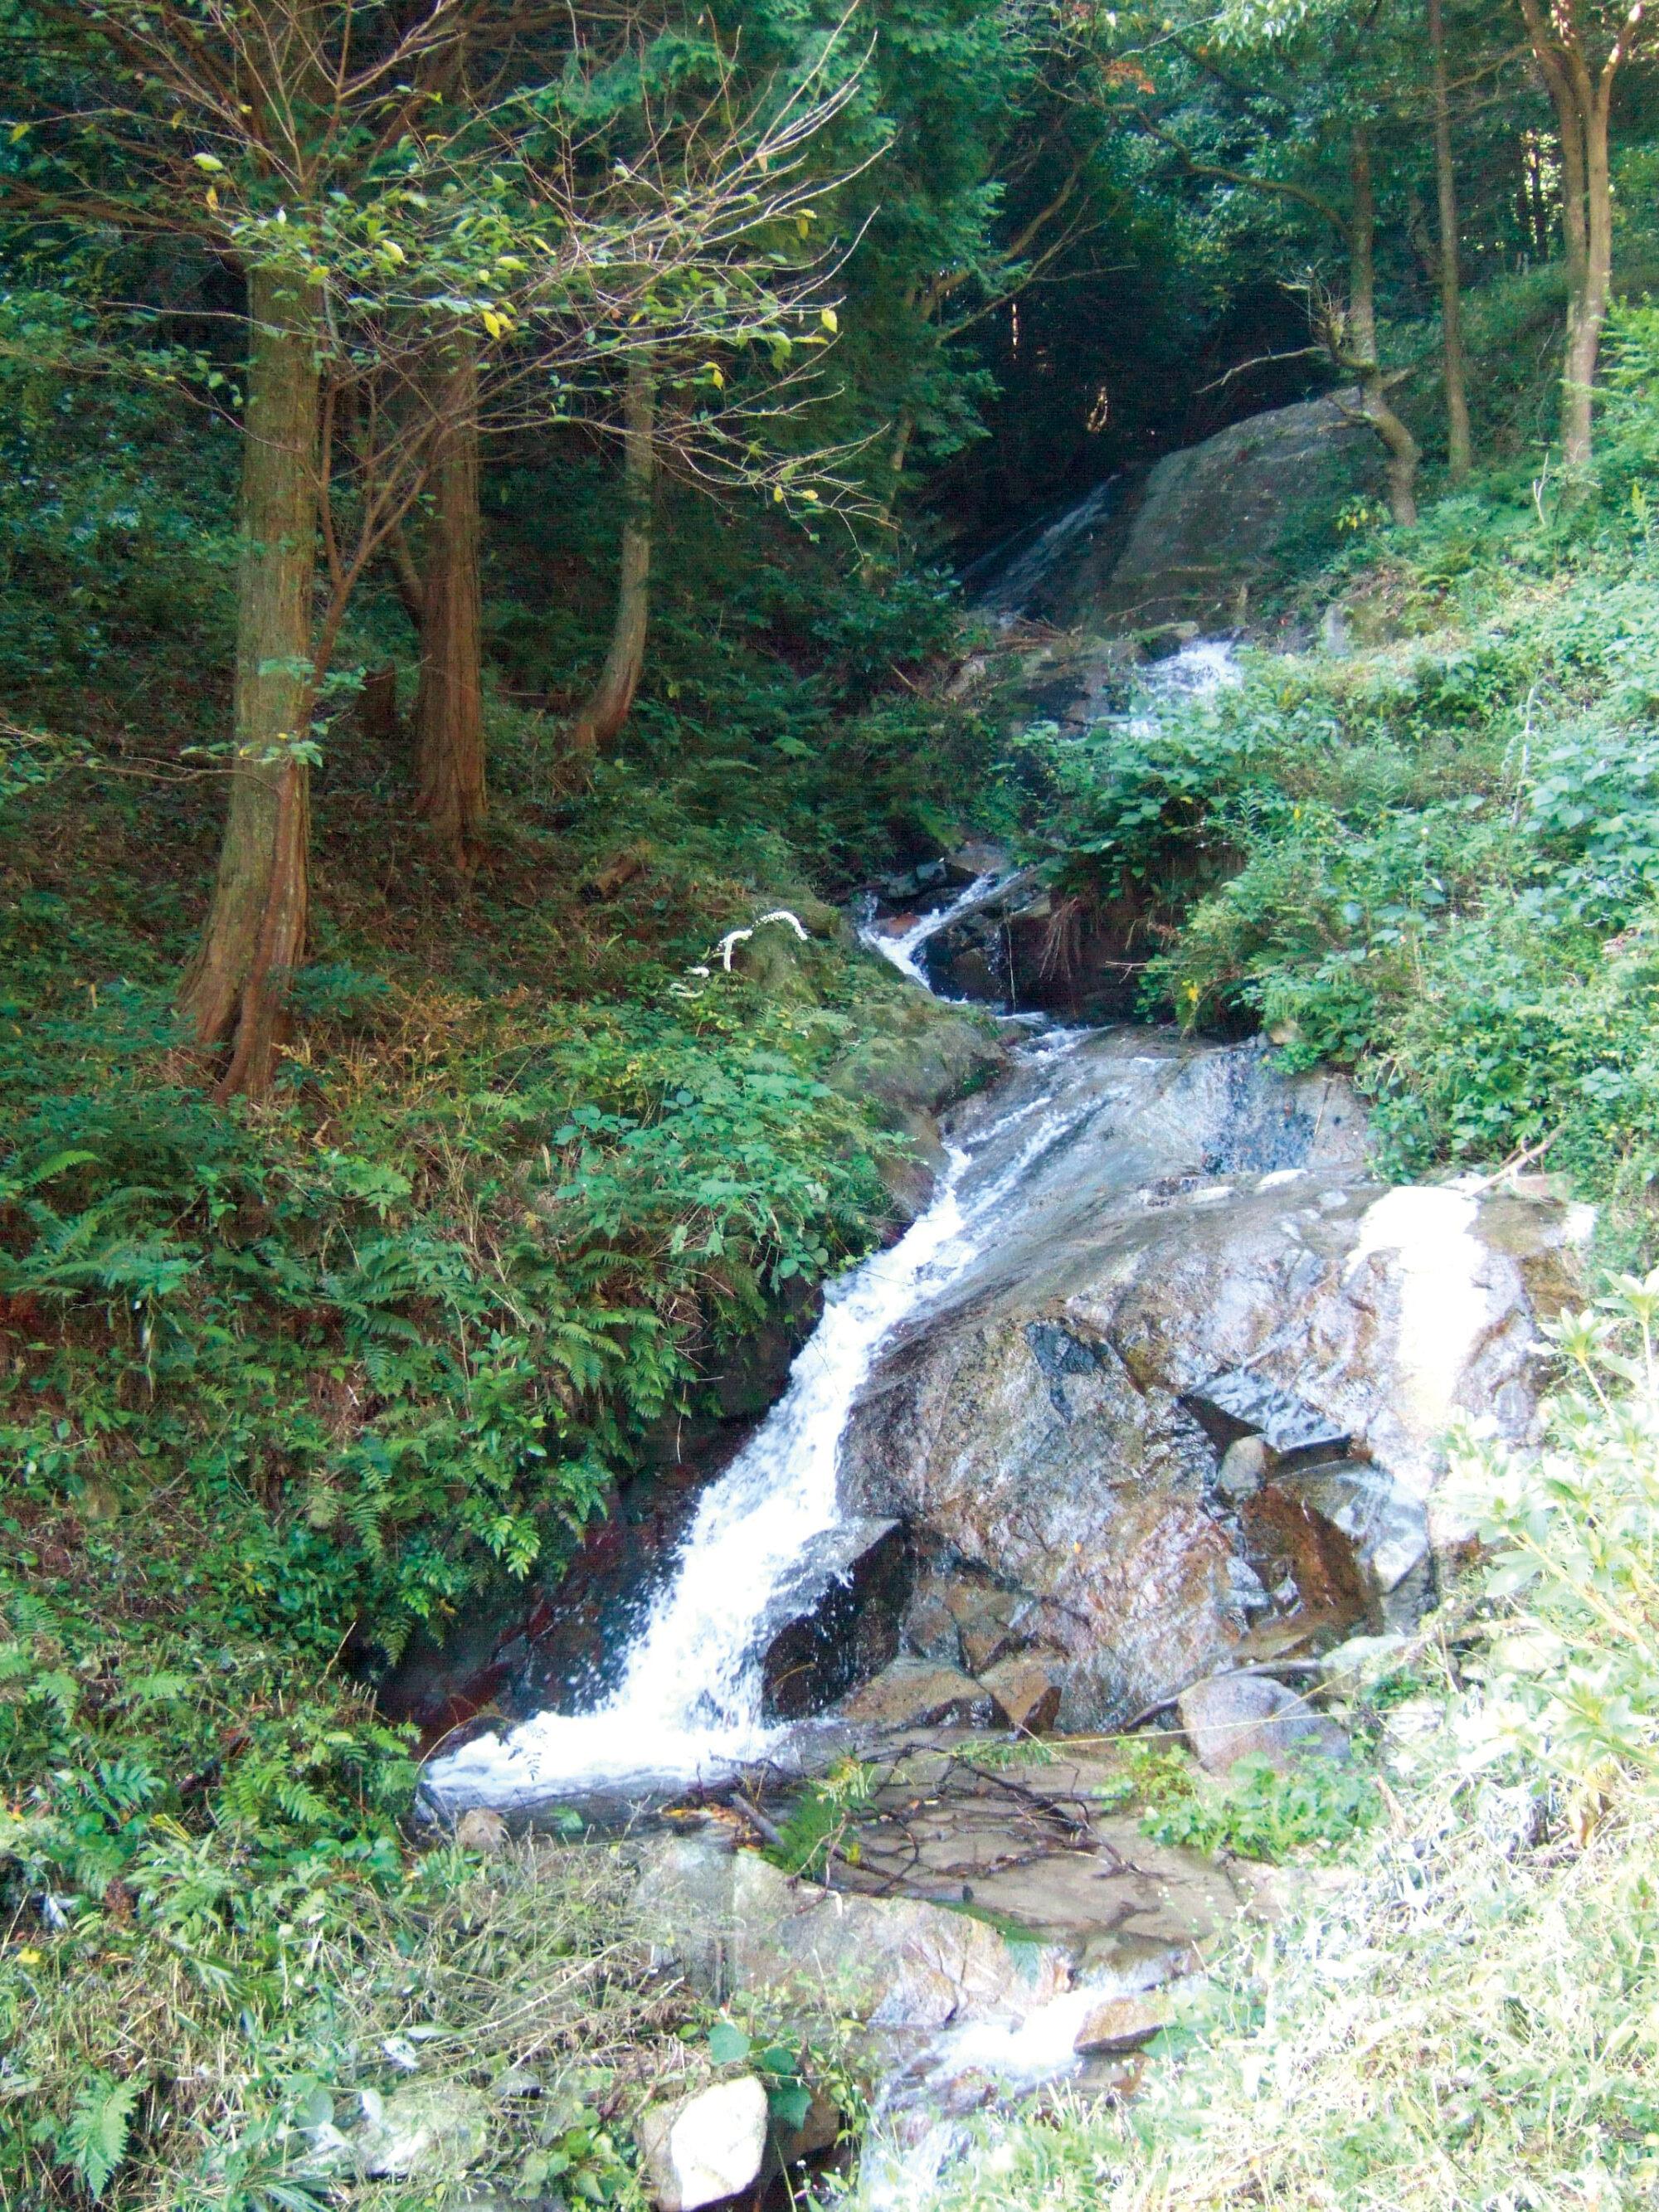 ⻑光円陣の滝桜公園